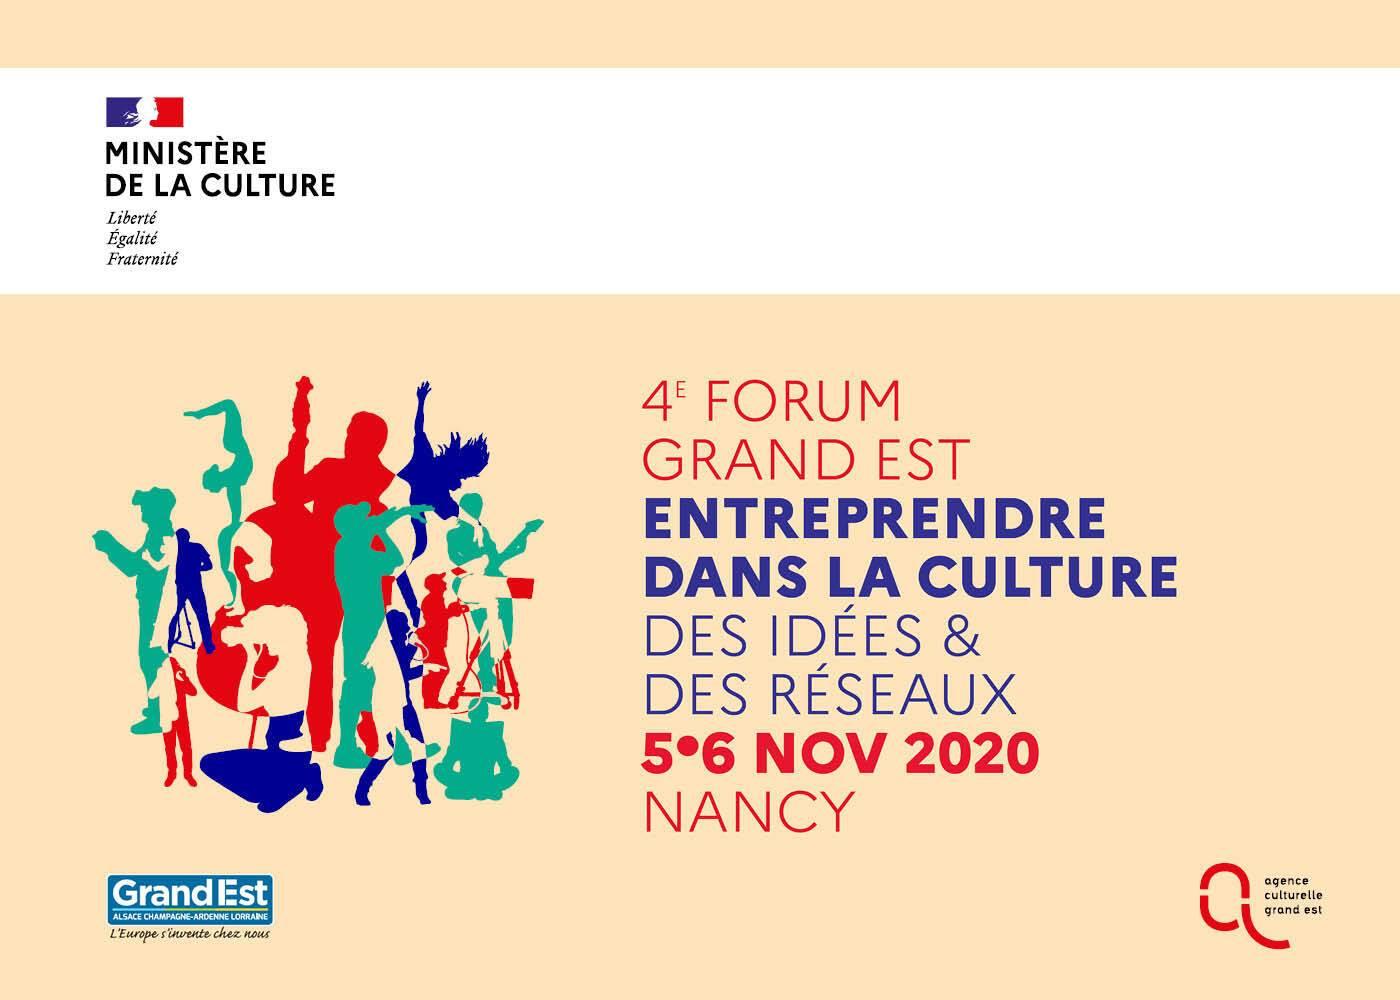 Inscrivez-vous au Forum Grand Est Entreprendre dans la culture 2020